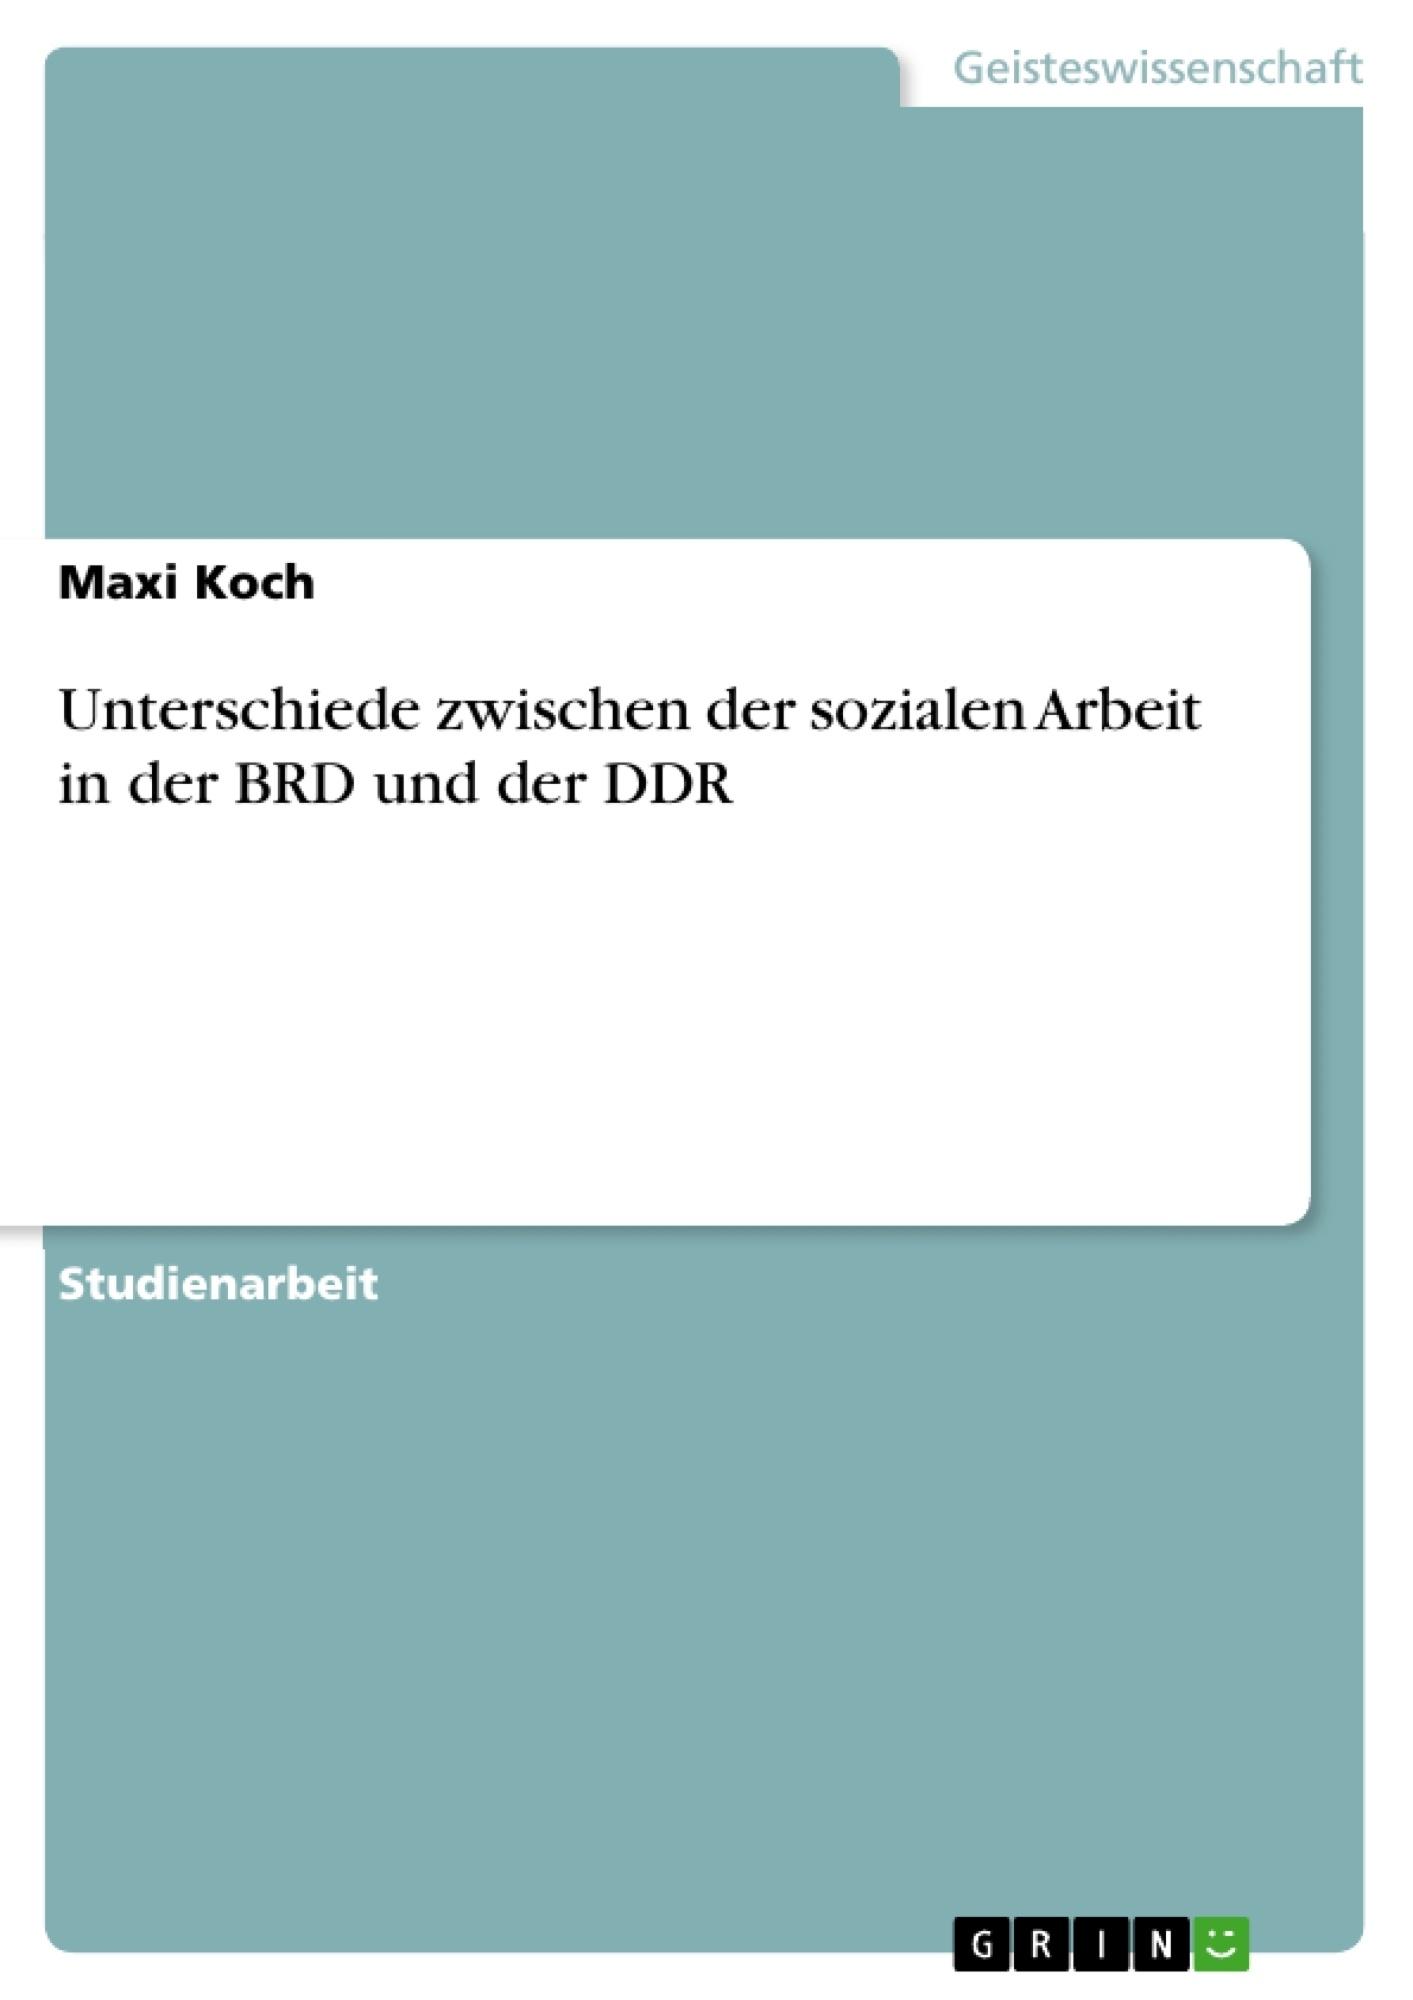 Titel: Unterschiede zwischen der sozialen Arbeit in der BRD und der DDR